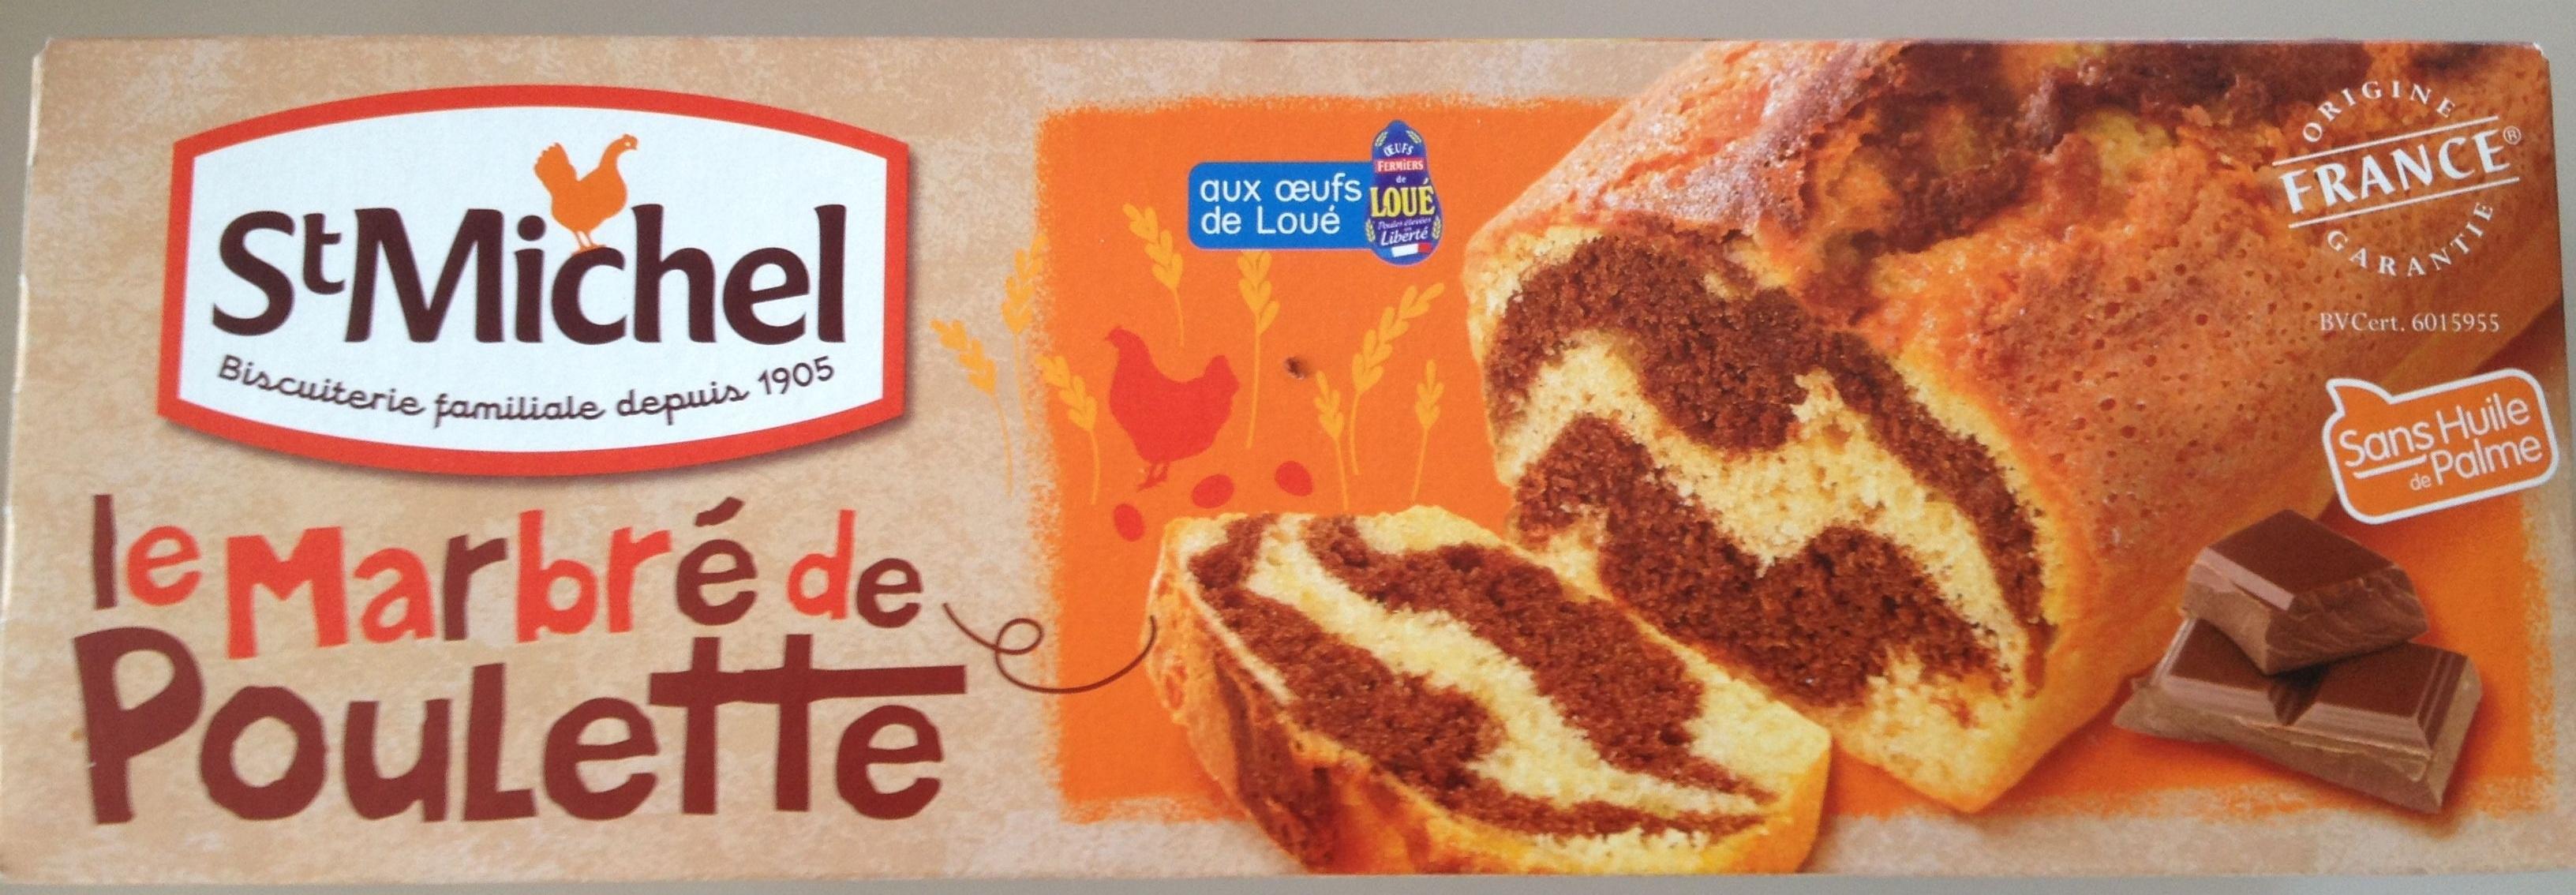 Le Marbré de Poulette - Product